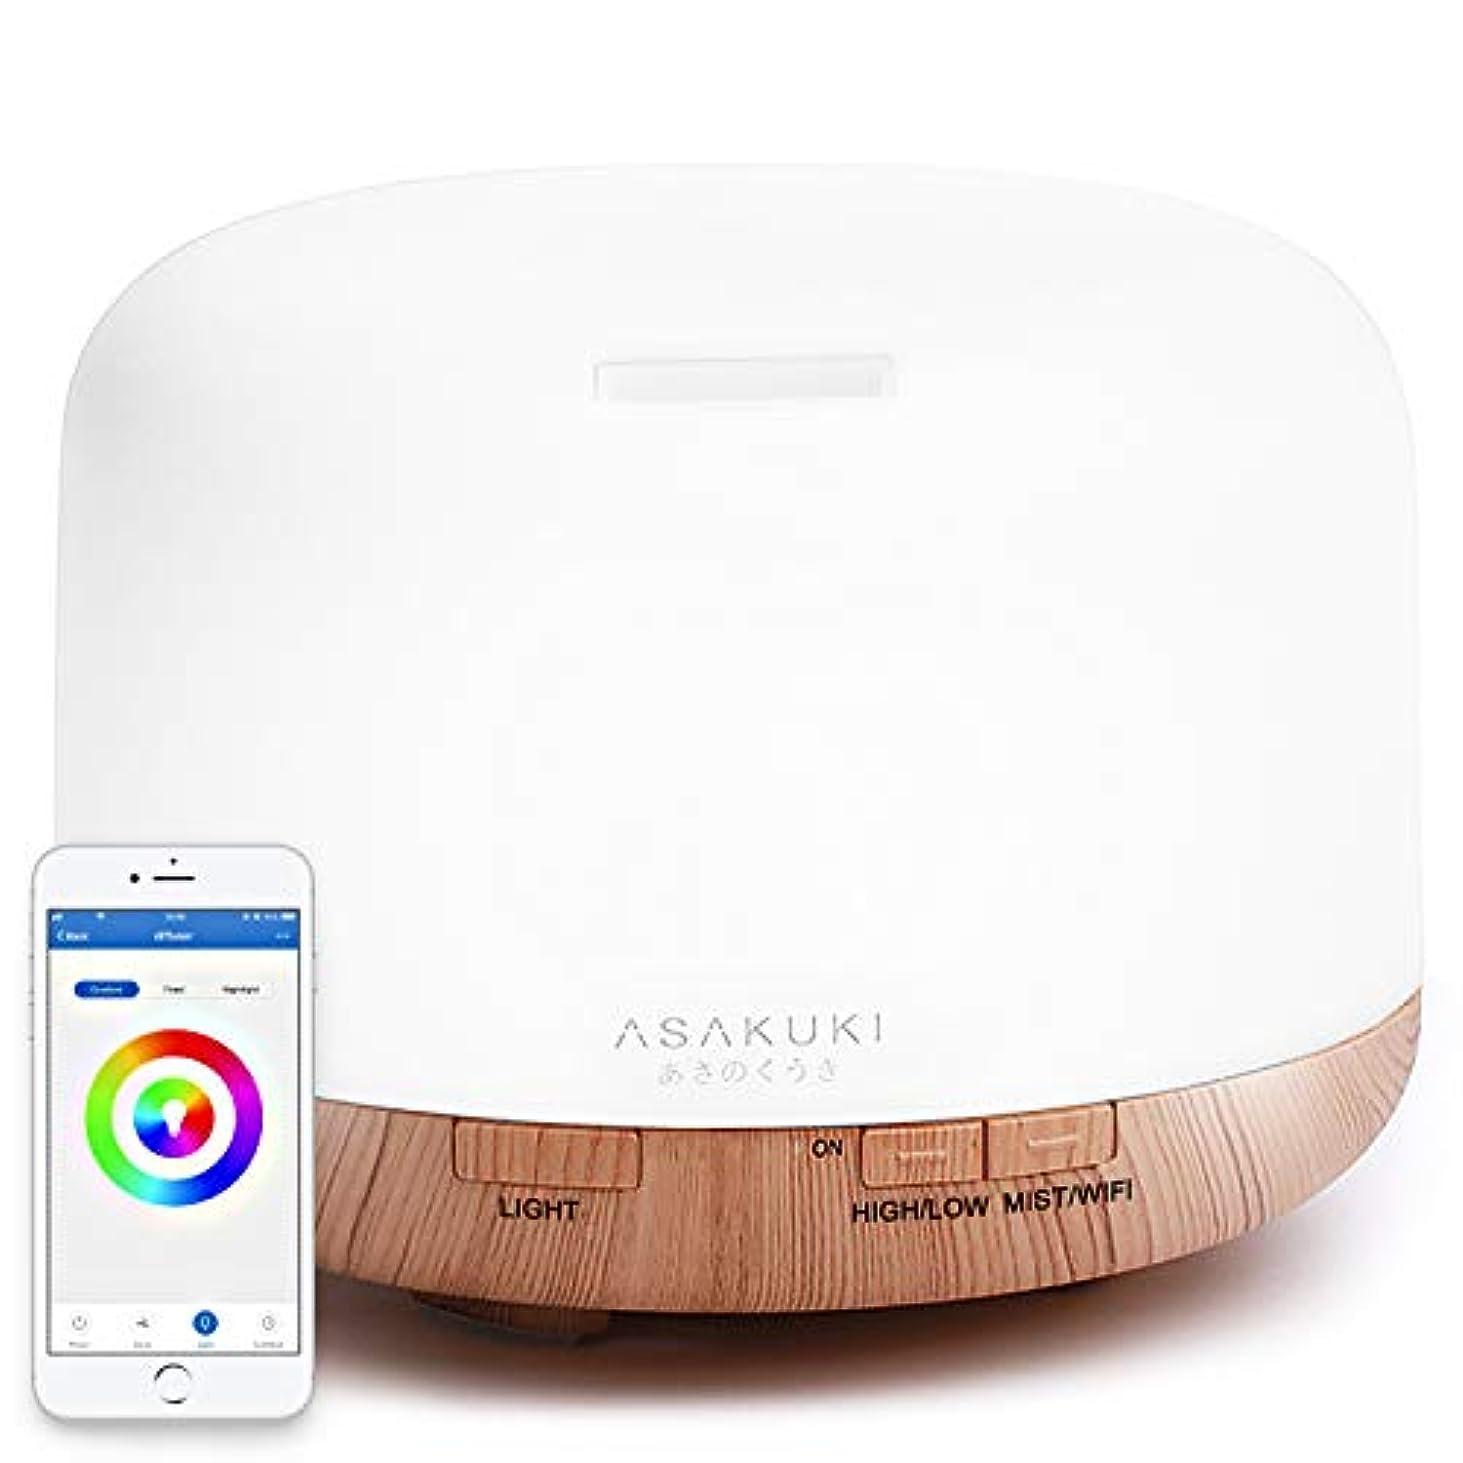 義務づける統計再びASAKUKI ベッドルーム、オフィス、より良い睡眠&呼吸 雰囲気を緩和するアレクサ2019アップグレード設計500ミリリットルアロマ加湿器と互換性 あるスマート -エッセンシャルオイルディフューザーアプリ制御 標準 2018...